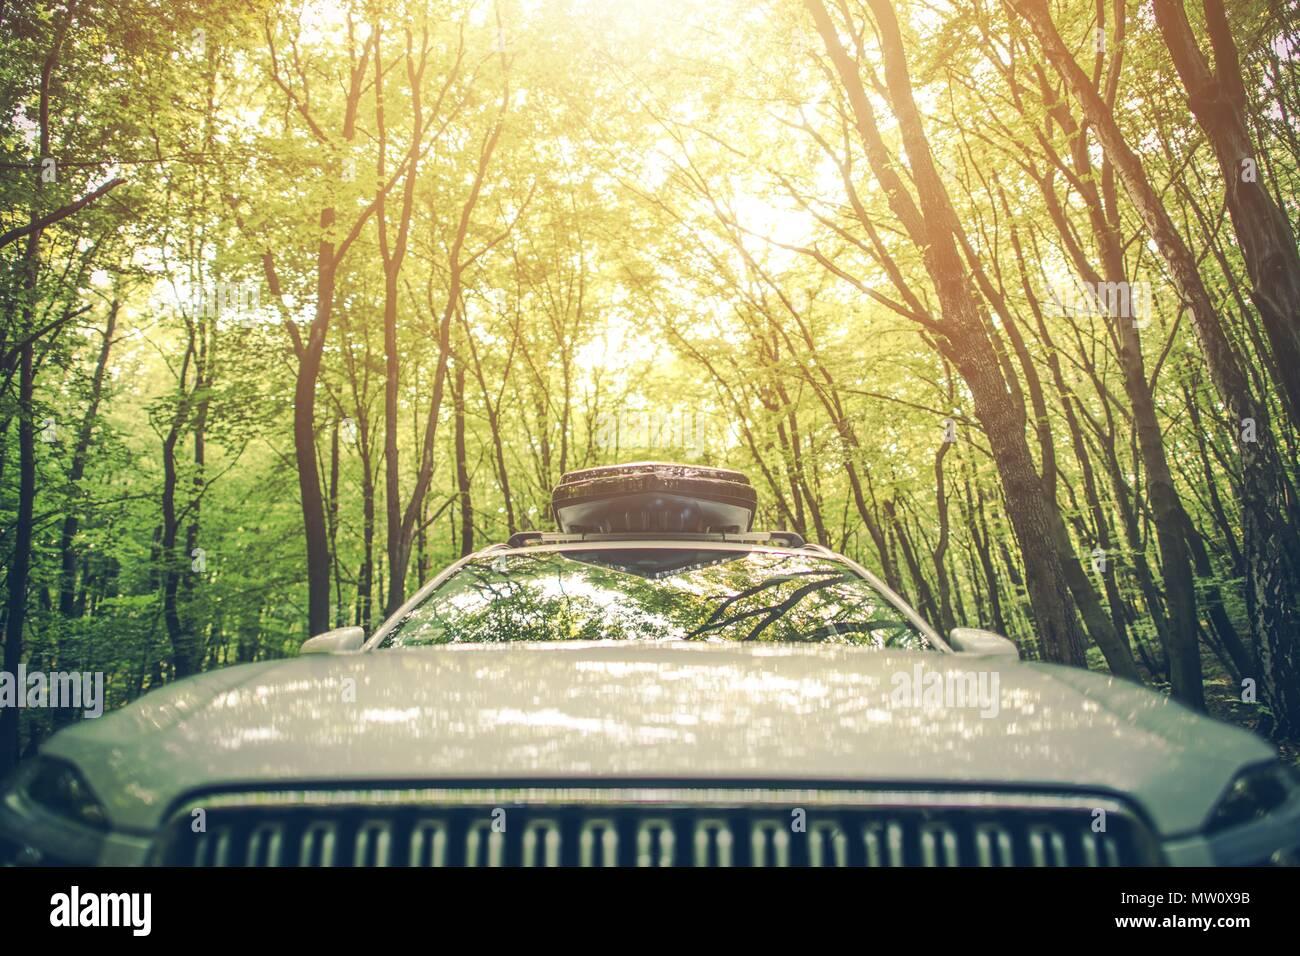 Vacation Road Trip con tetto di carico recipiente sul veicolo. Guida attraverso la foresta di estate. Immagini Stock